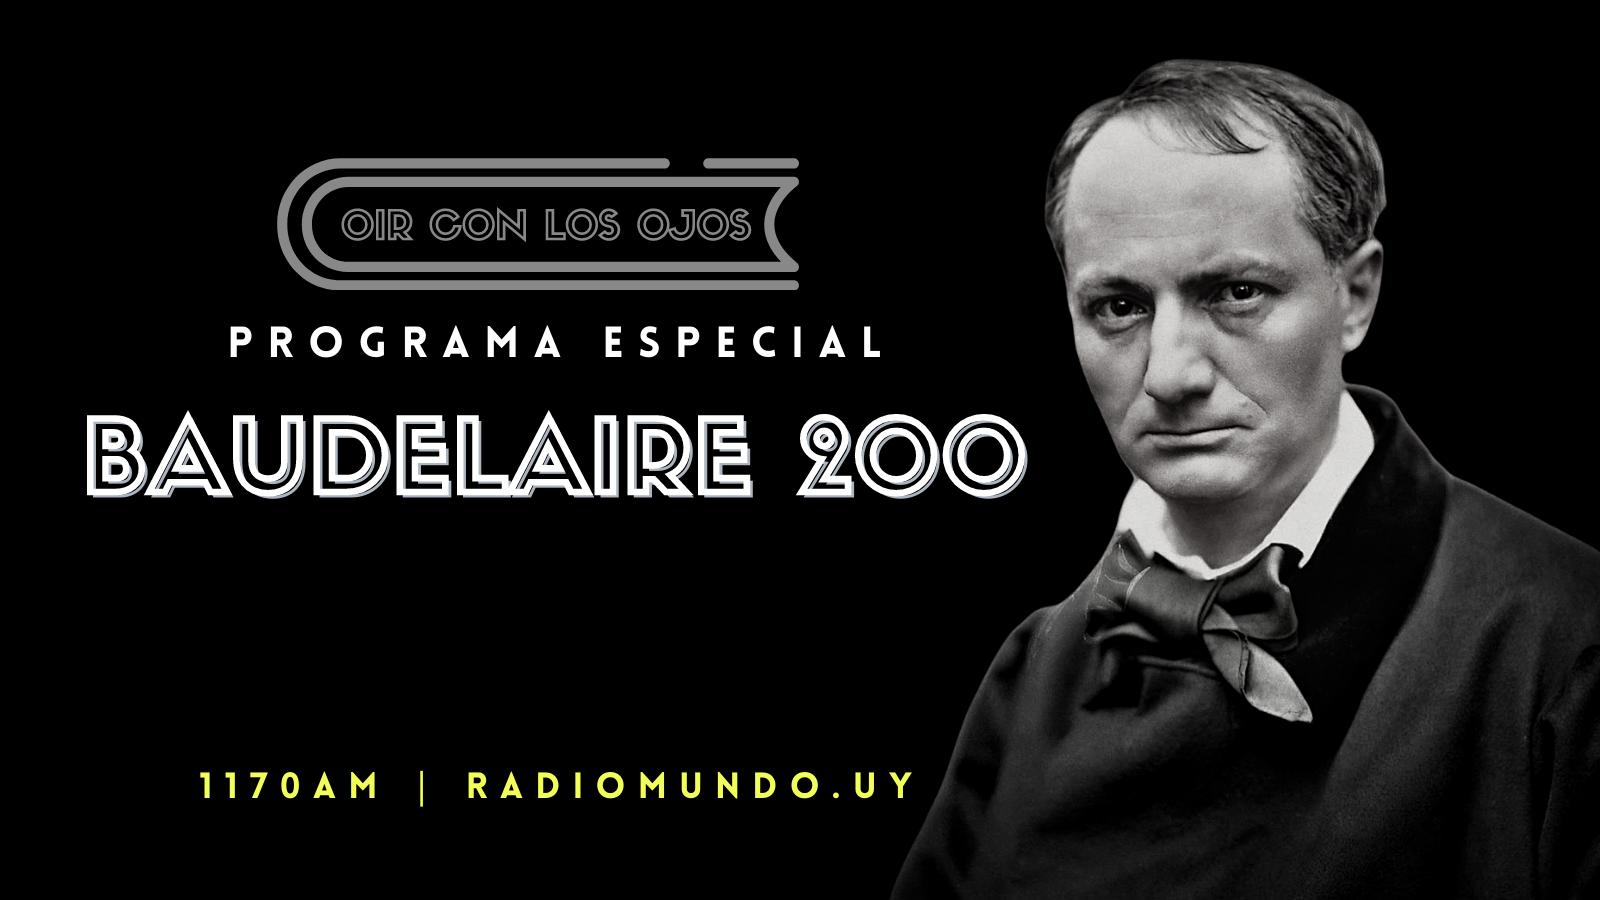 Baudelaire 200: El programa completo